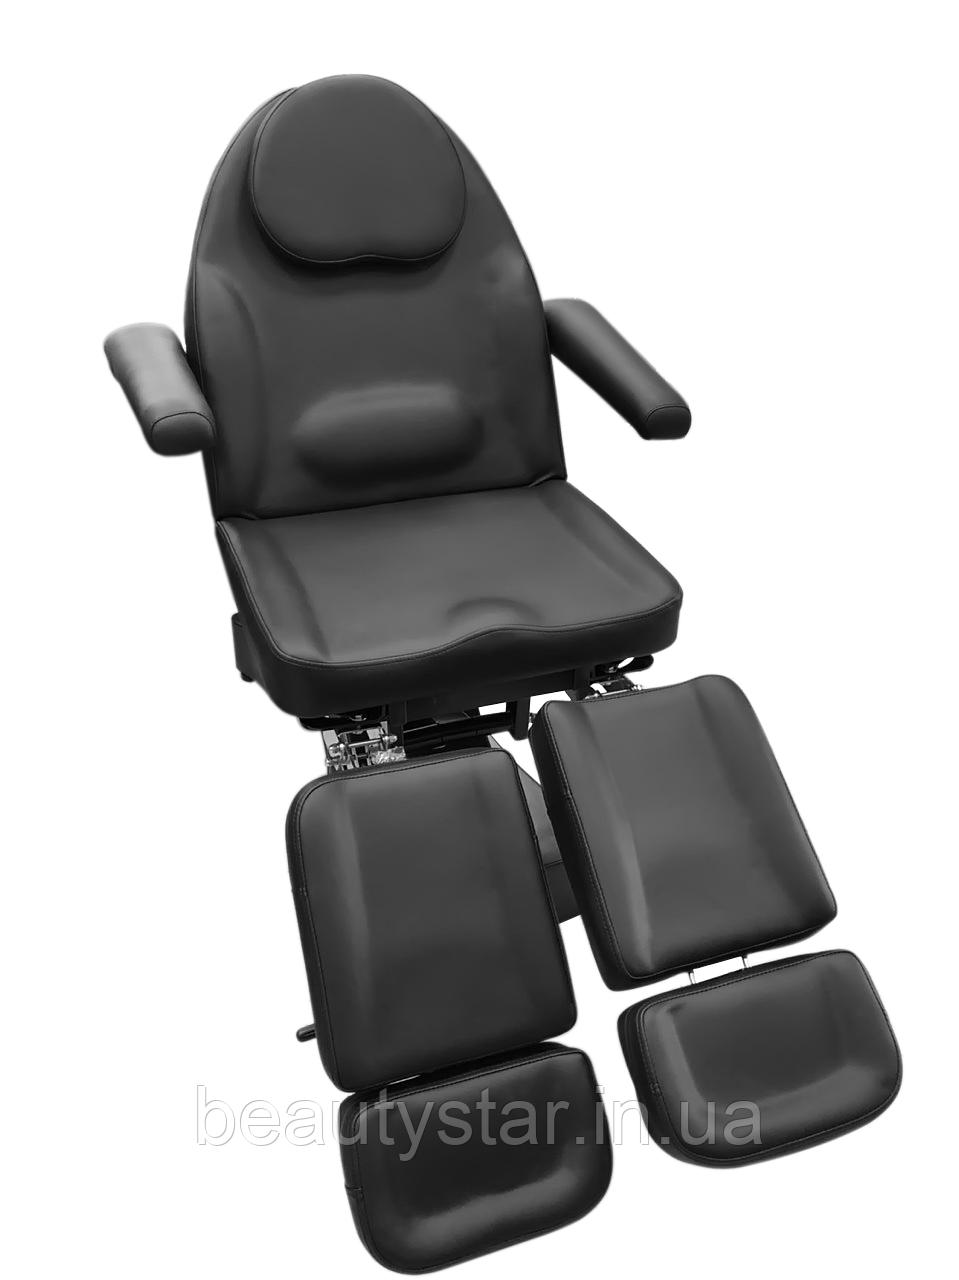 Кресло кушетка для педикюра 2222 (СН-2Н2)